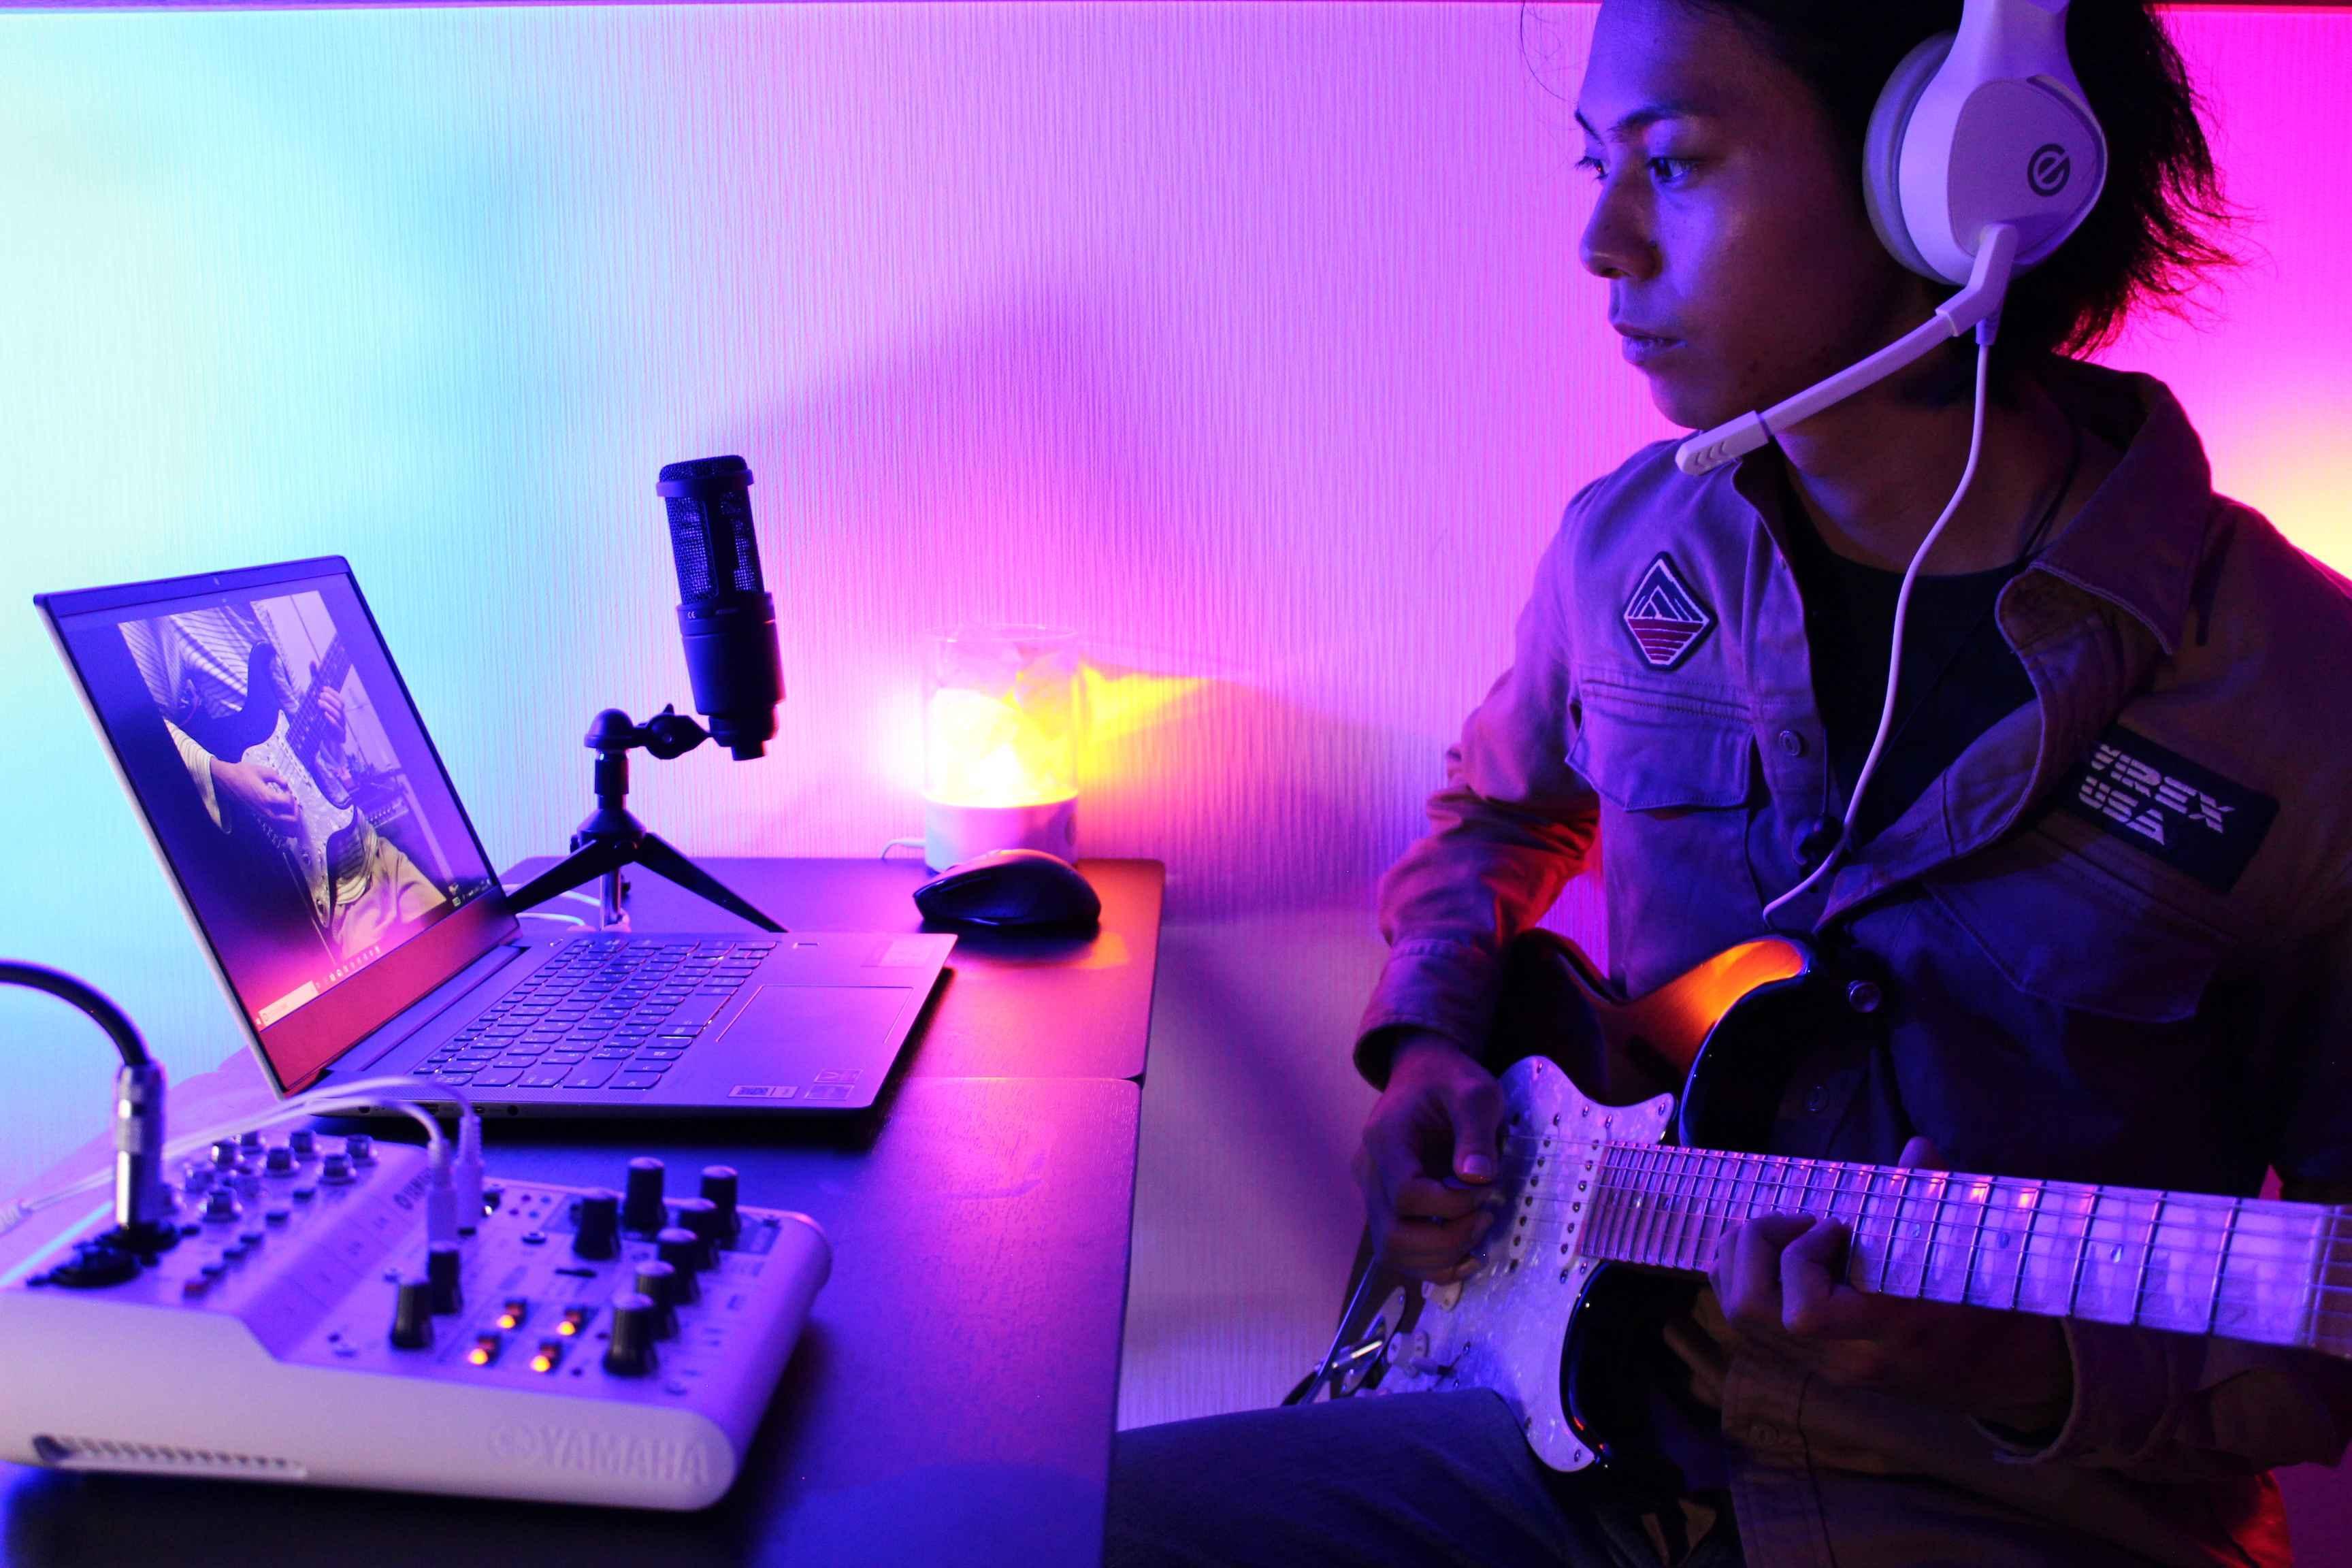 Vox-yオンライン音楽教室